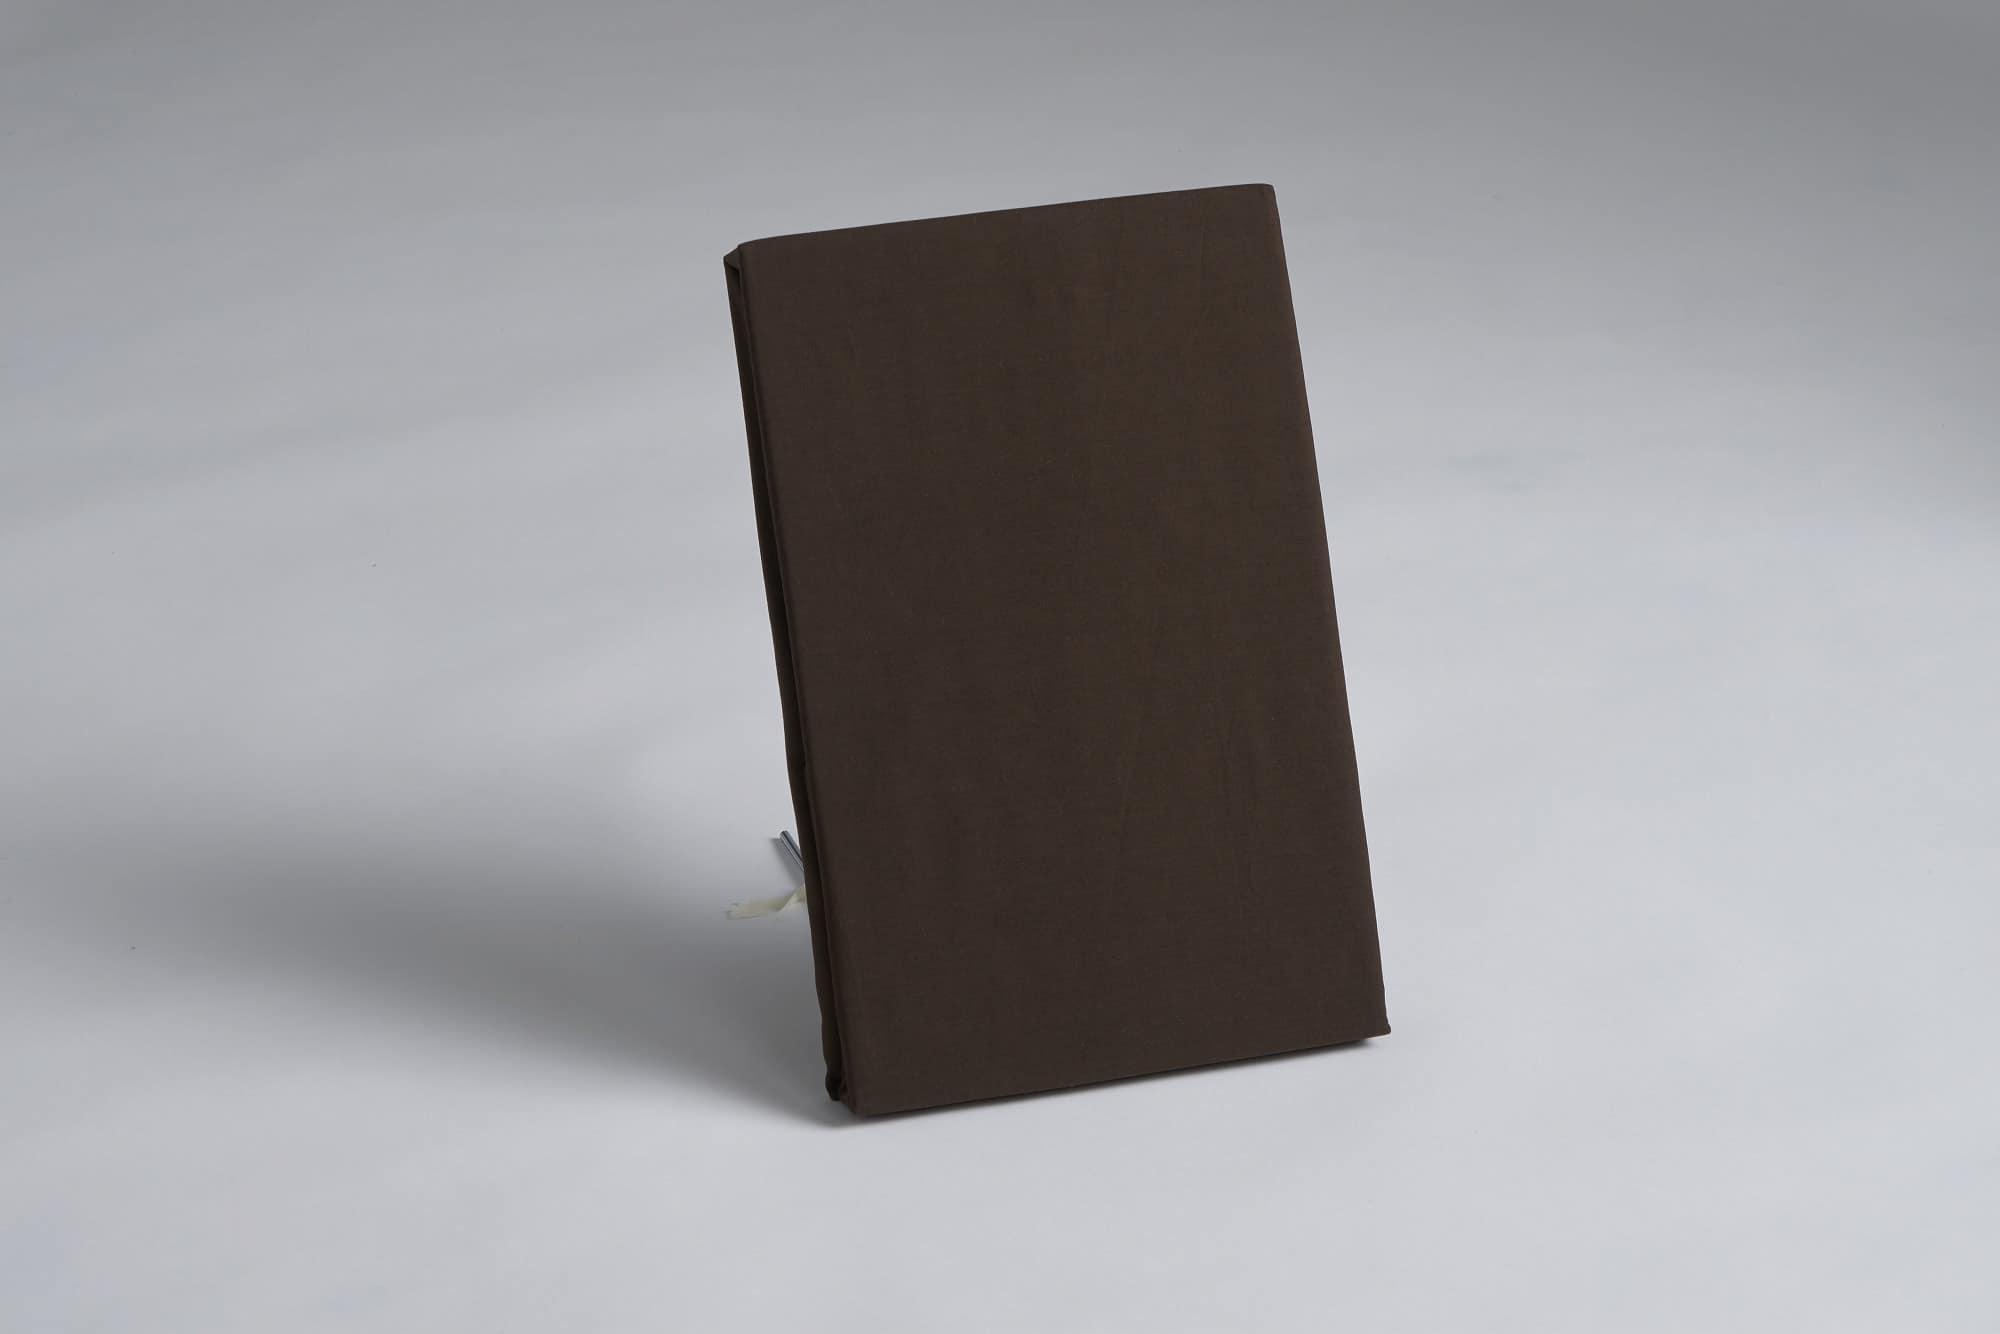 ボックスシーツ セミダブル用 36H ブラウン